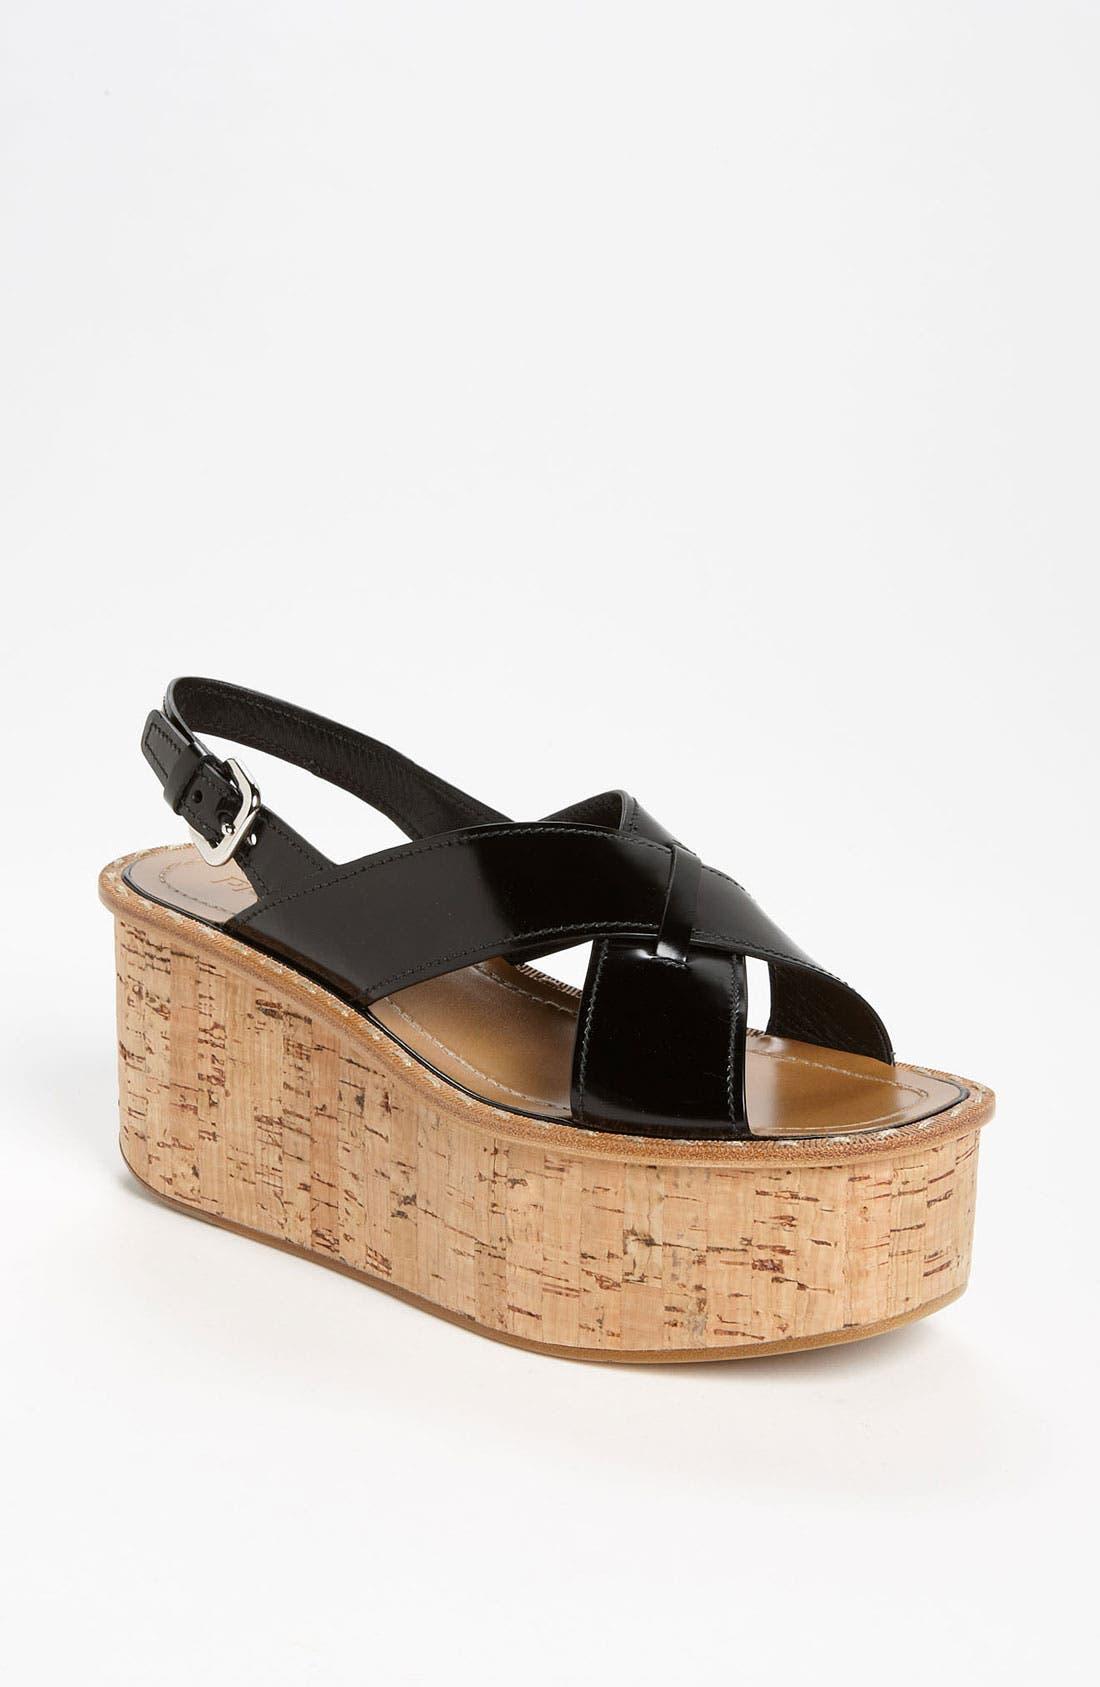 Main Image - Prada 'Criss Cross' Wedge Sandal